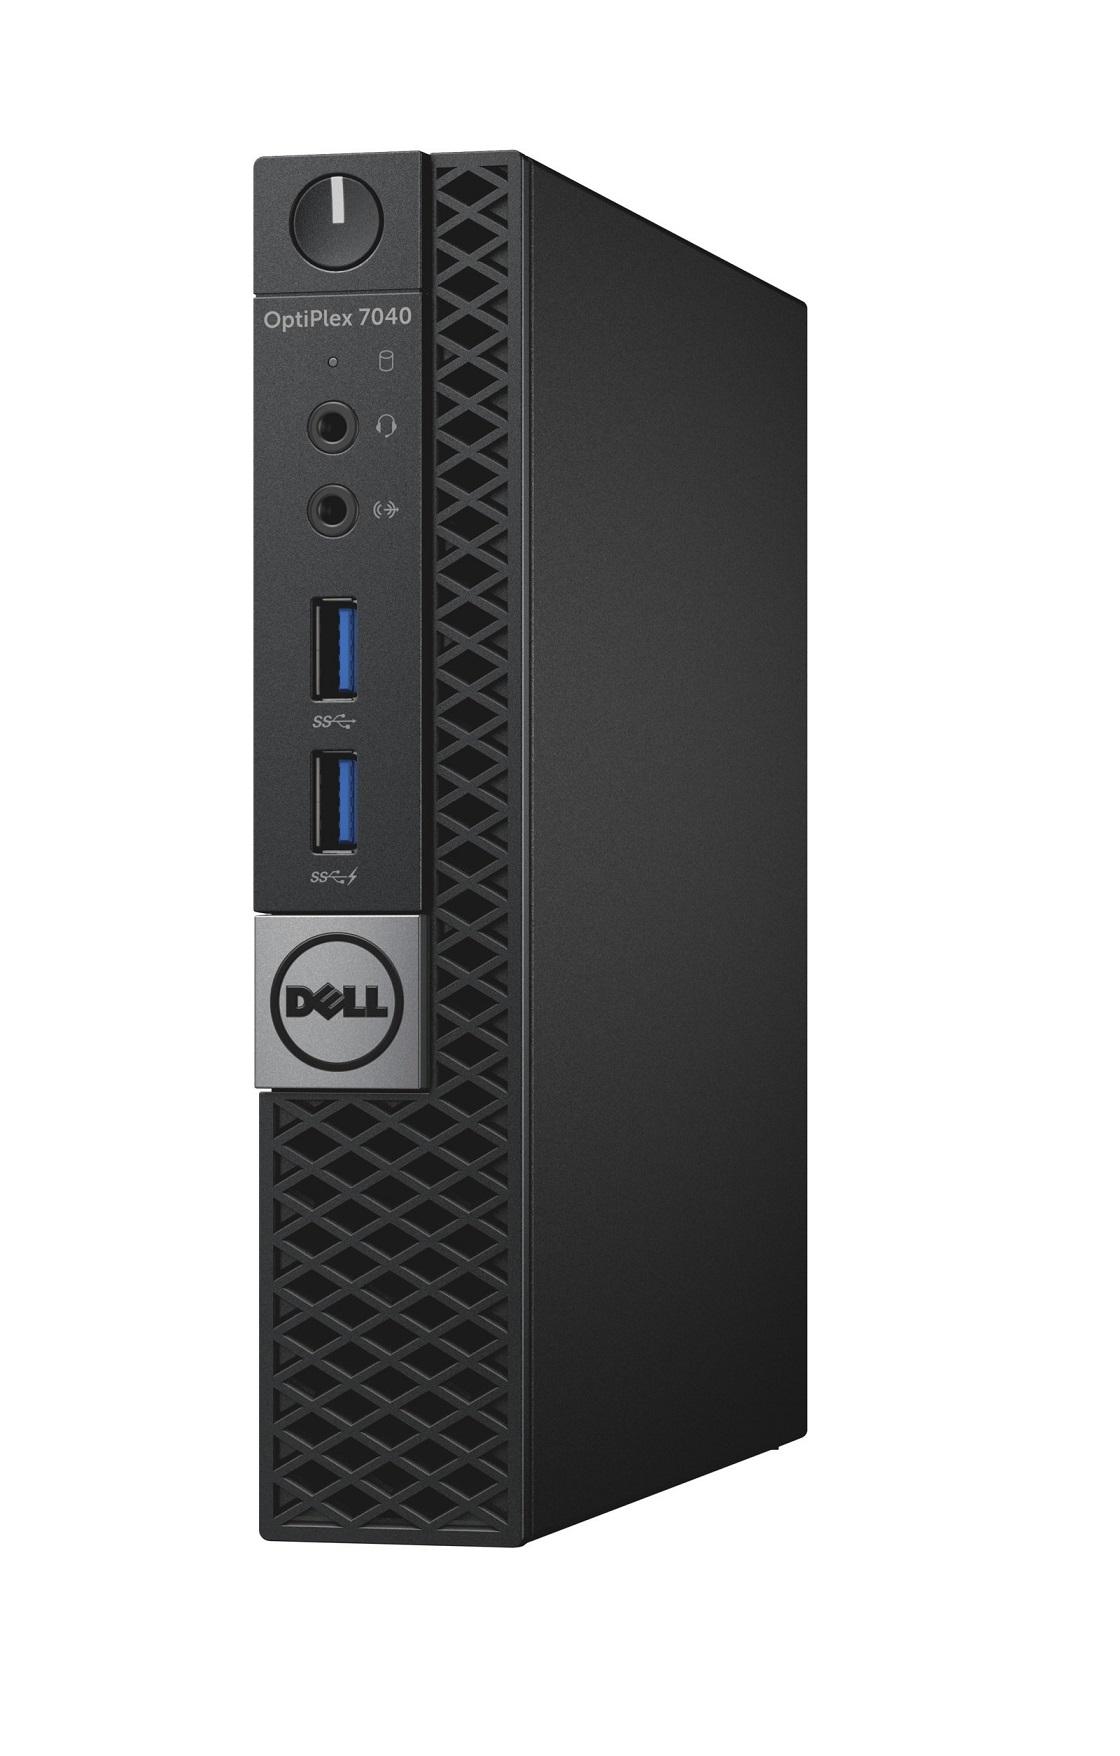 DELL OptiPlex MFF 7040 i5-6500T/8GB/500GB/Intel HD 530/Win 10 Pro/3Yr